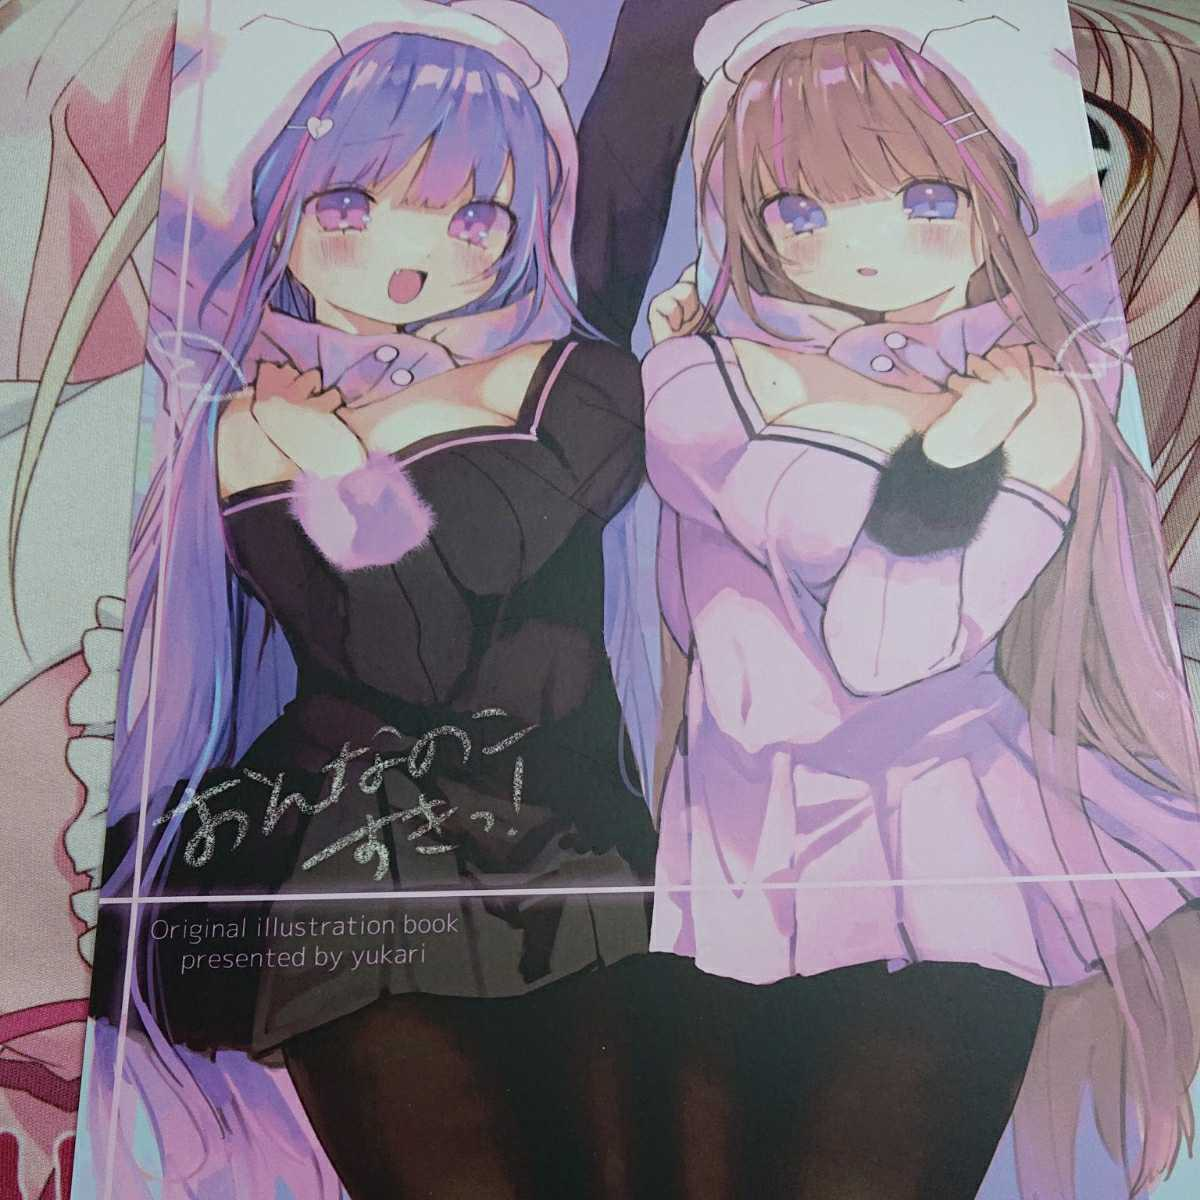 同人誌 コミケ c97 ゆかり オリジナル フルカラー 送料無料